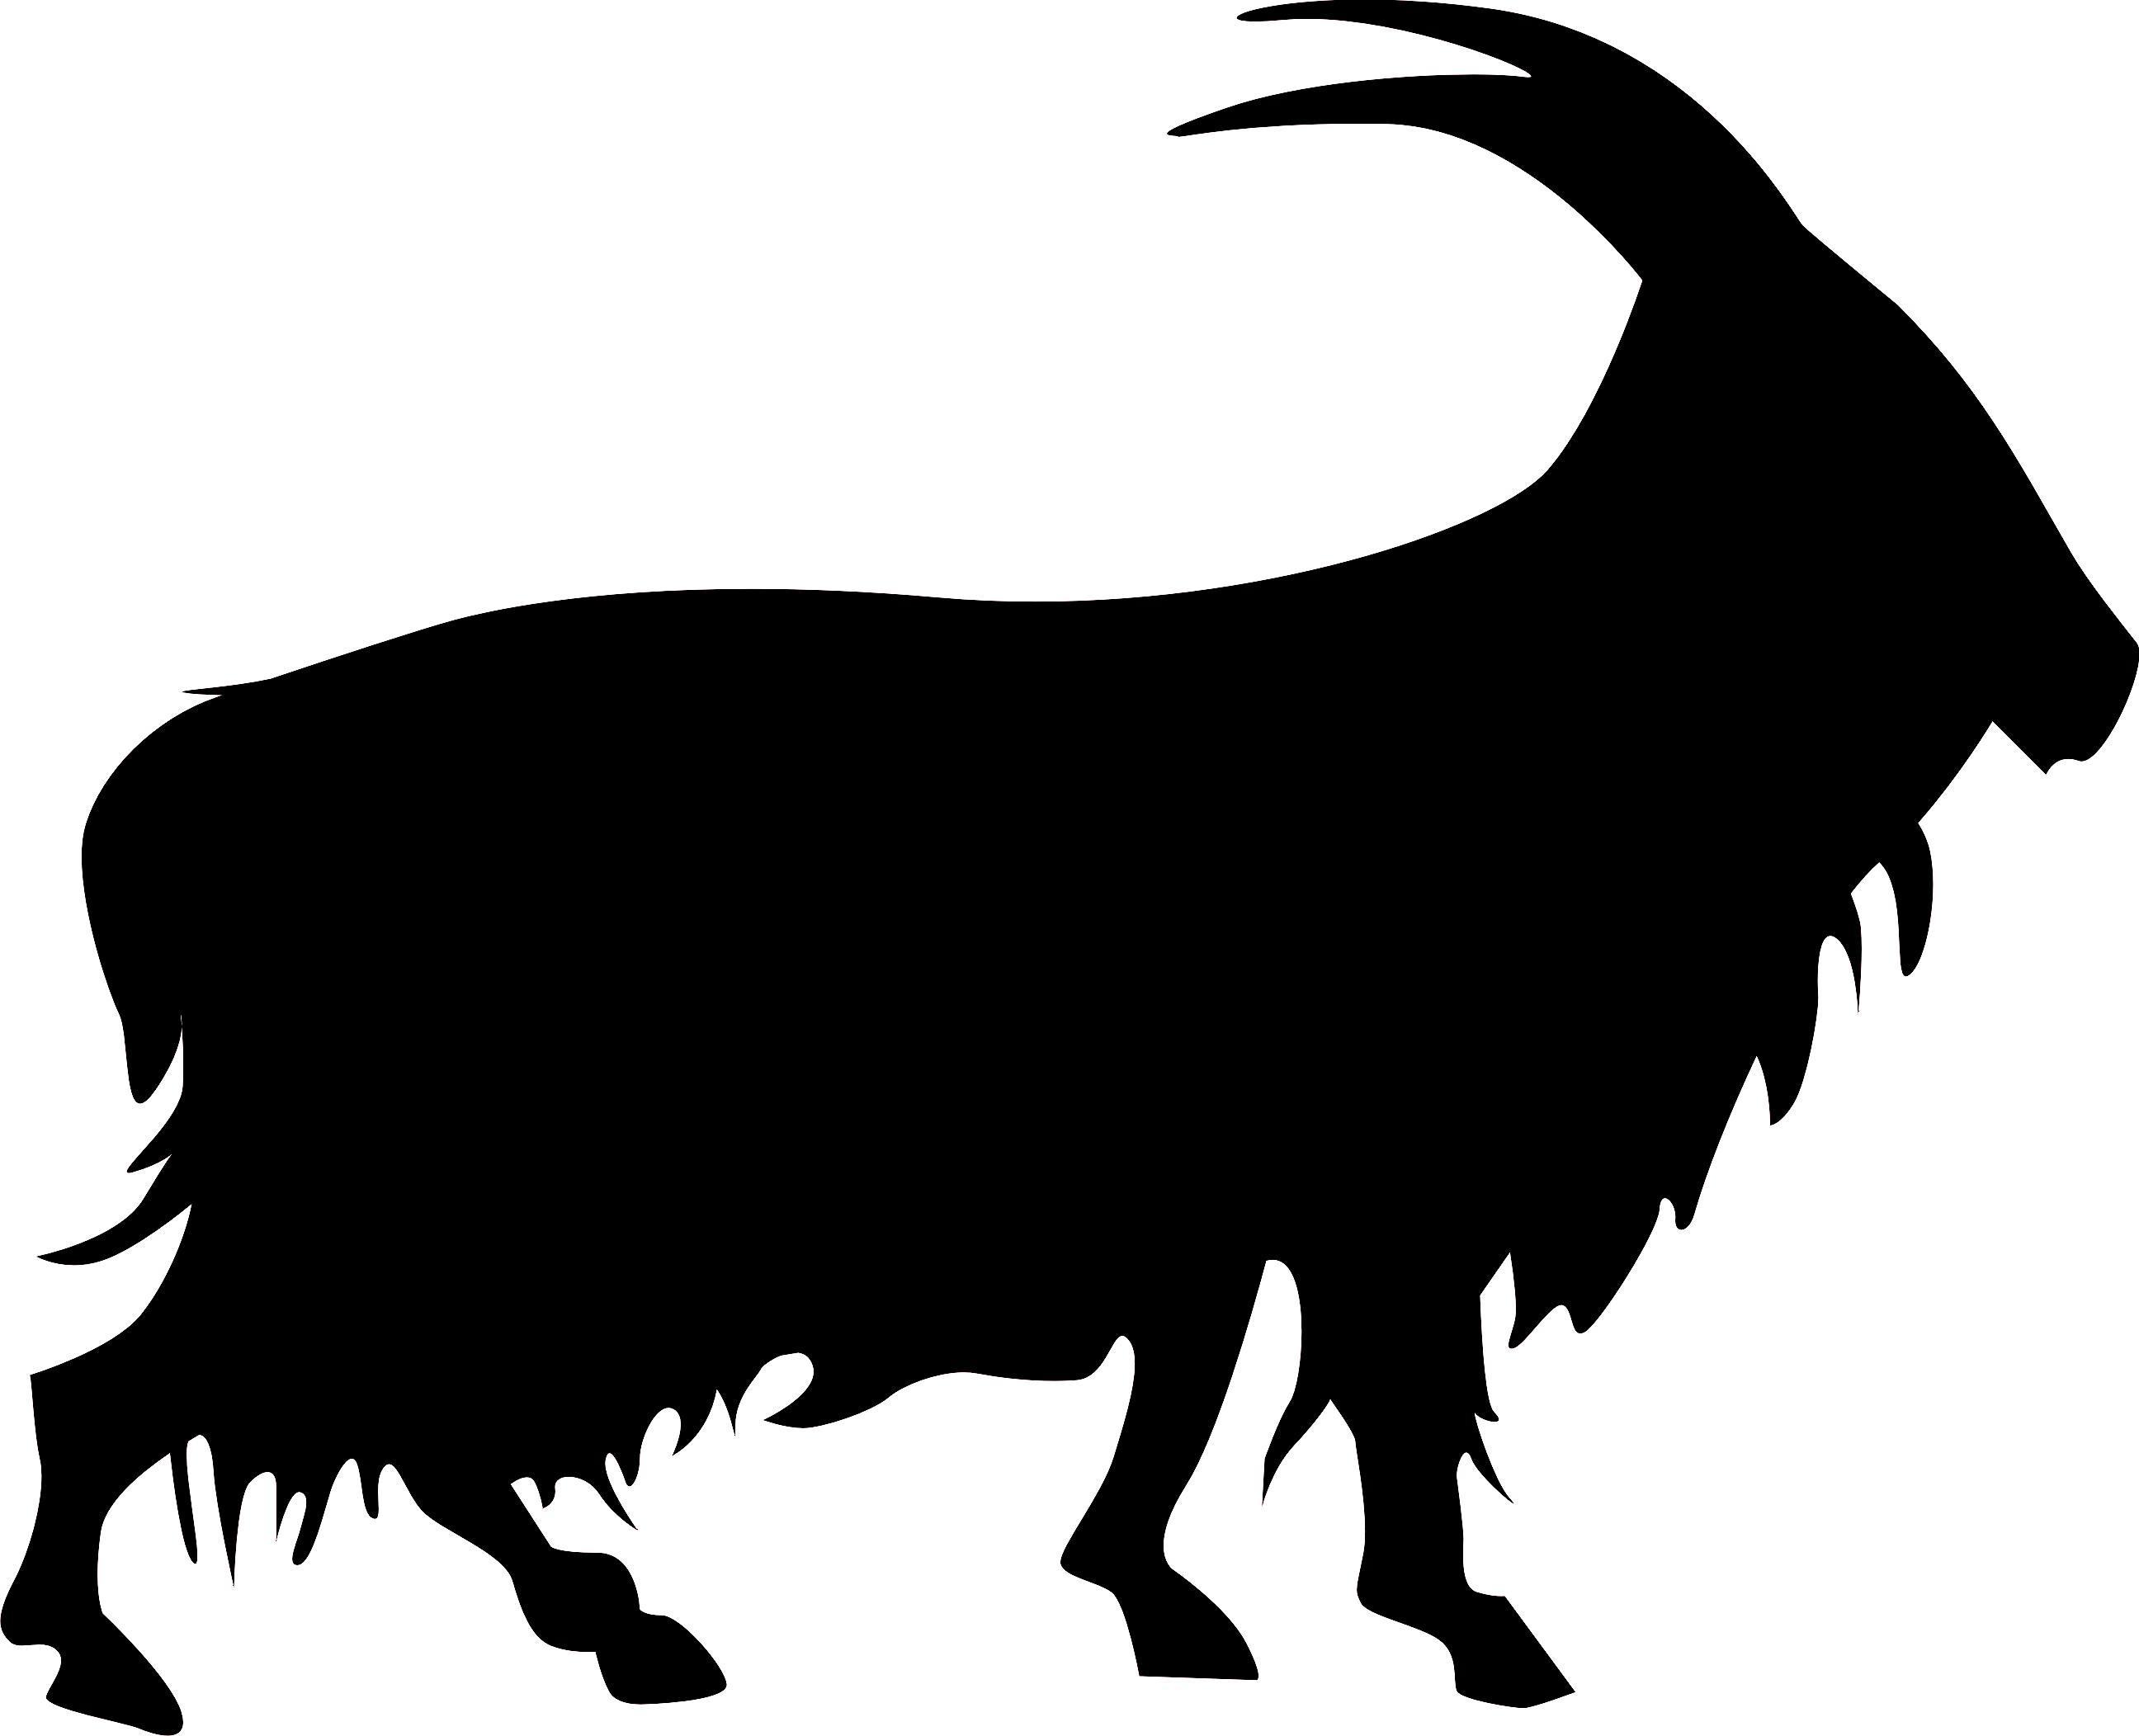 Goat clipart ram. The cashmir brand pinterest